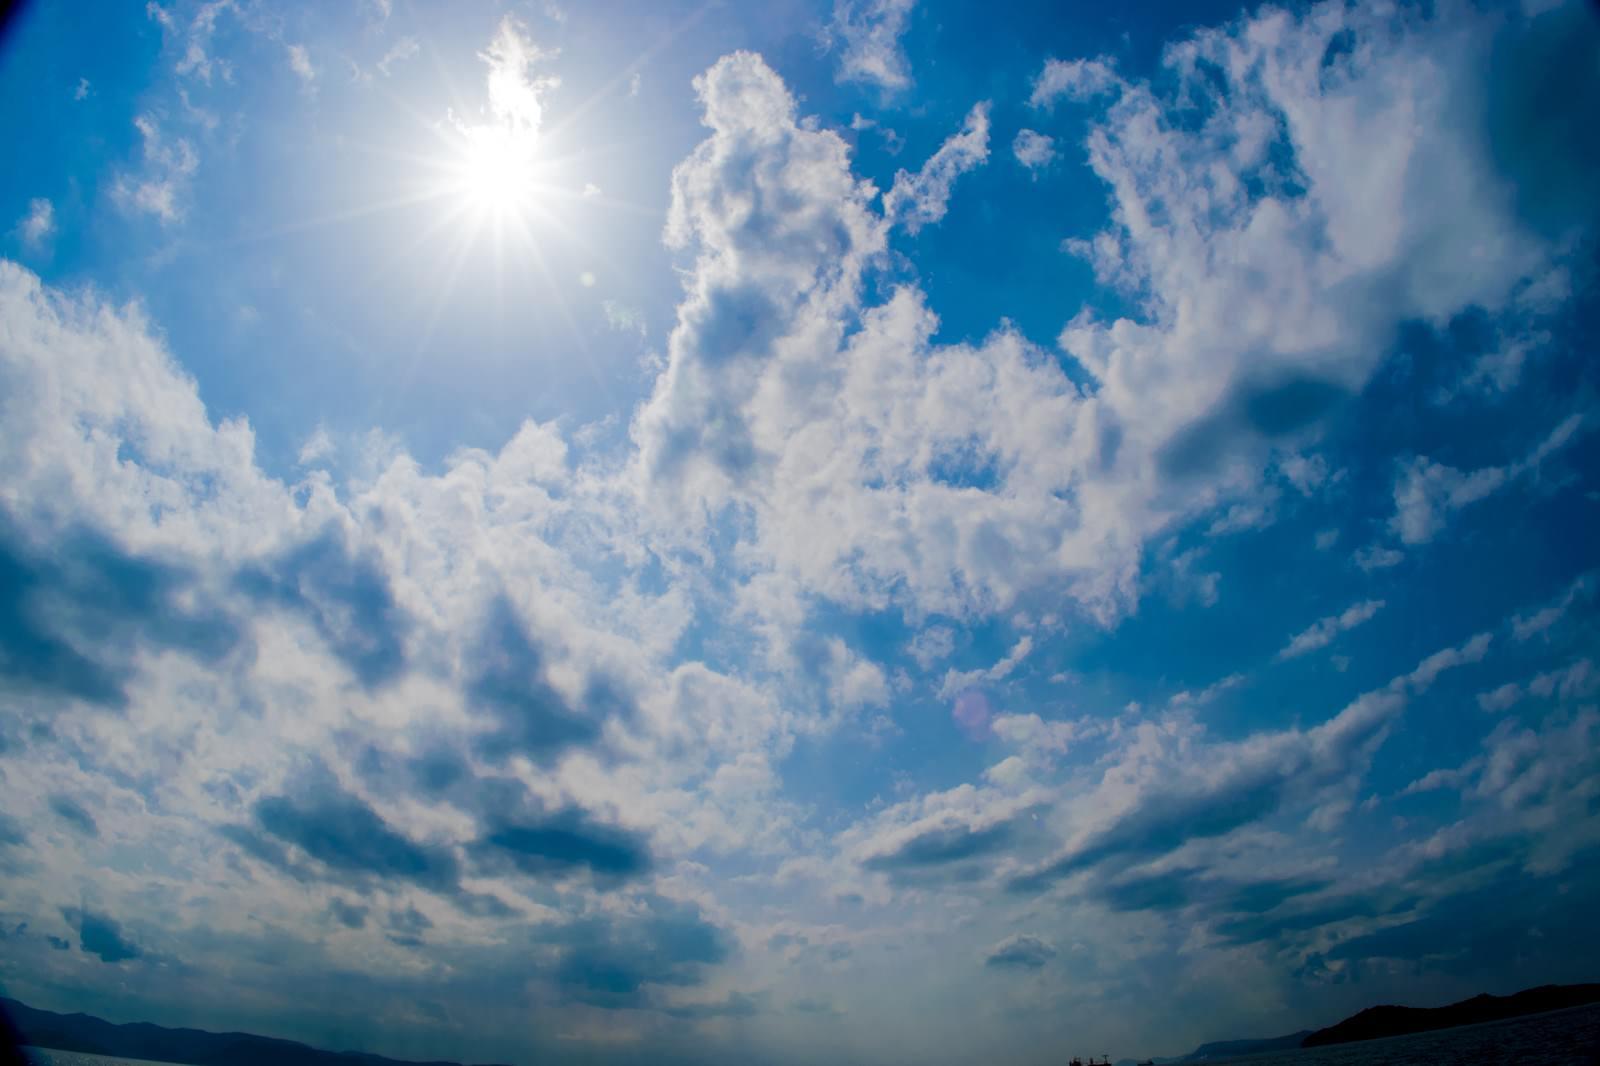 「日差しの強い夏日日差しの強い夏日」のフリー写真素材を拡大